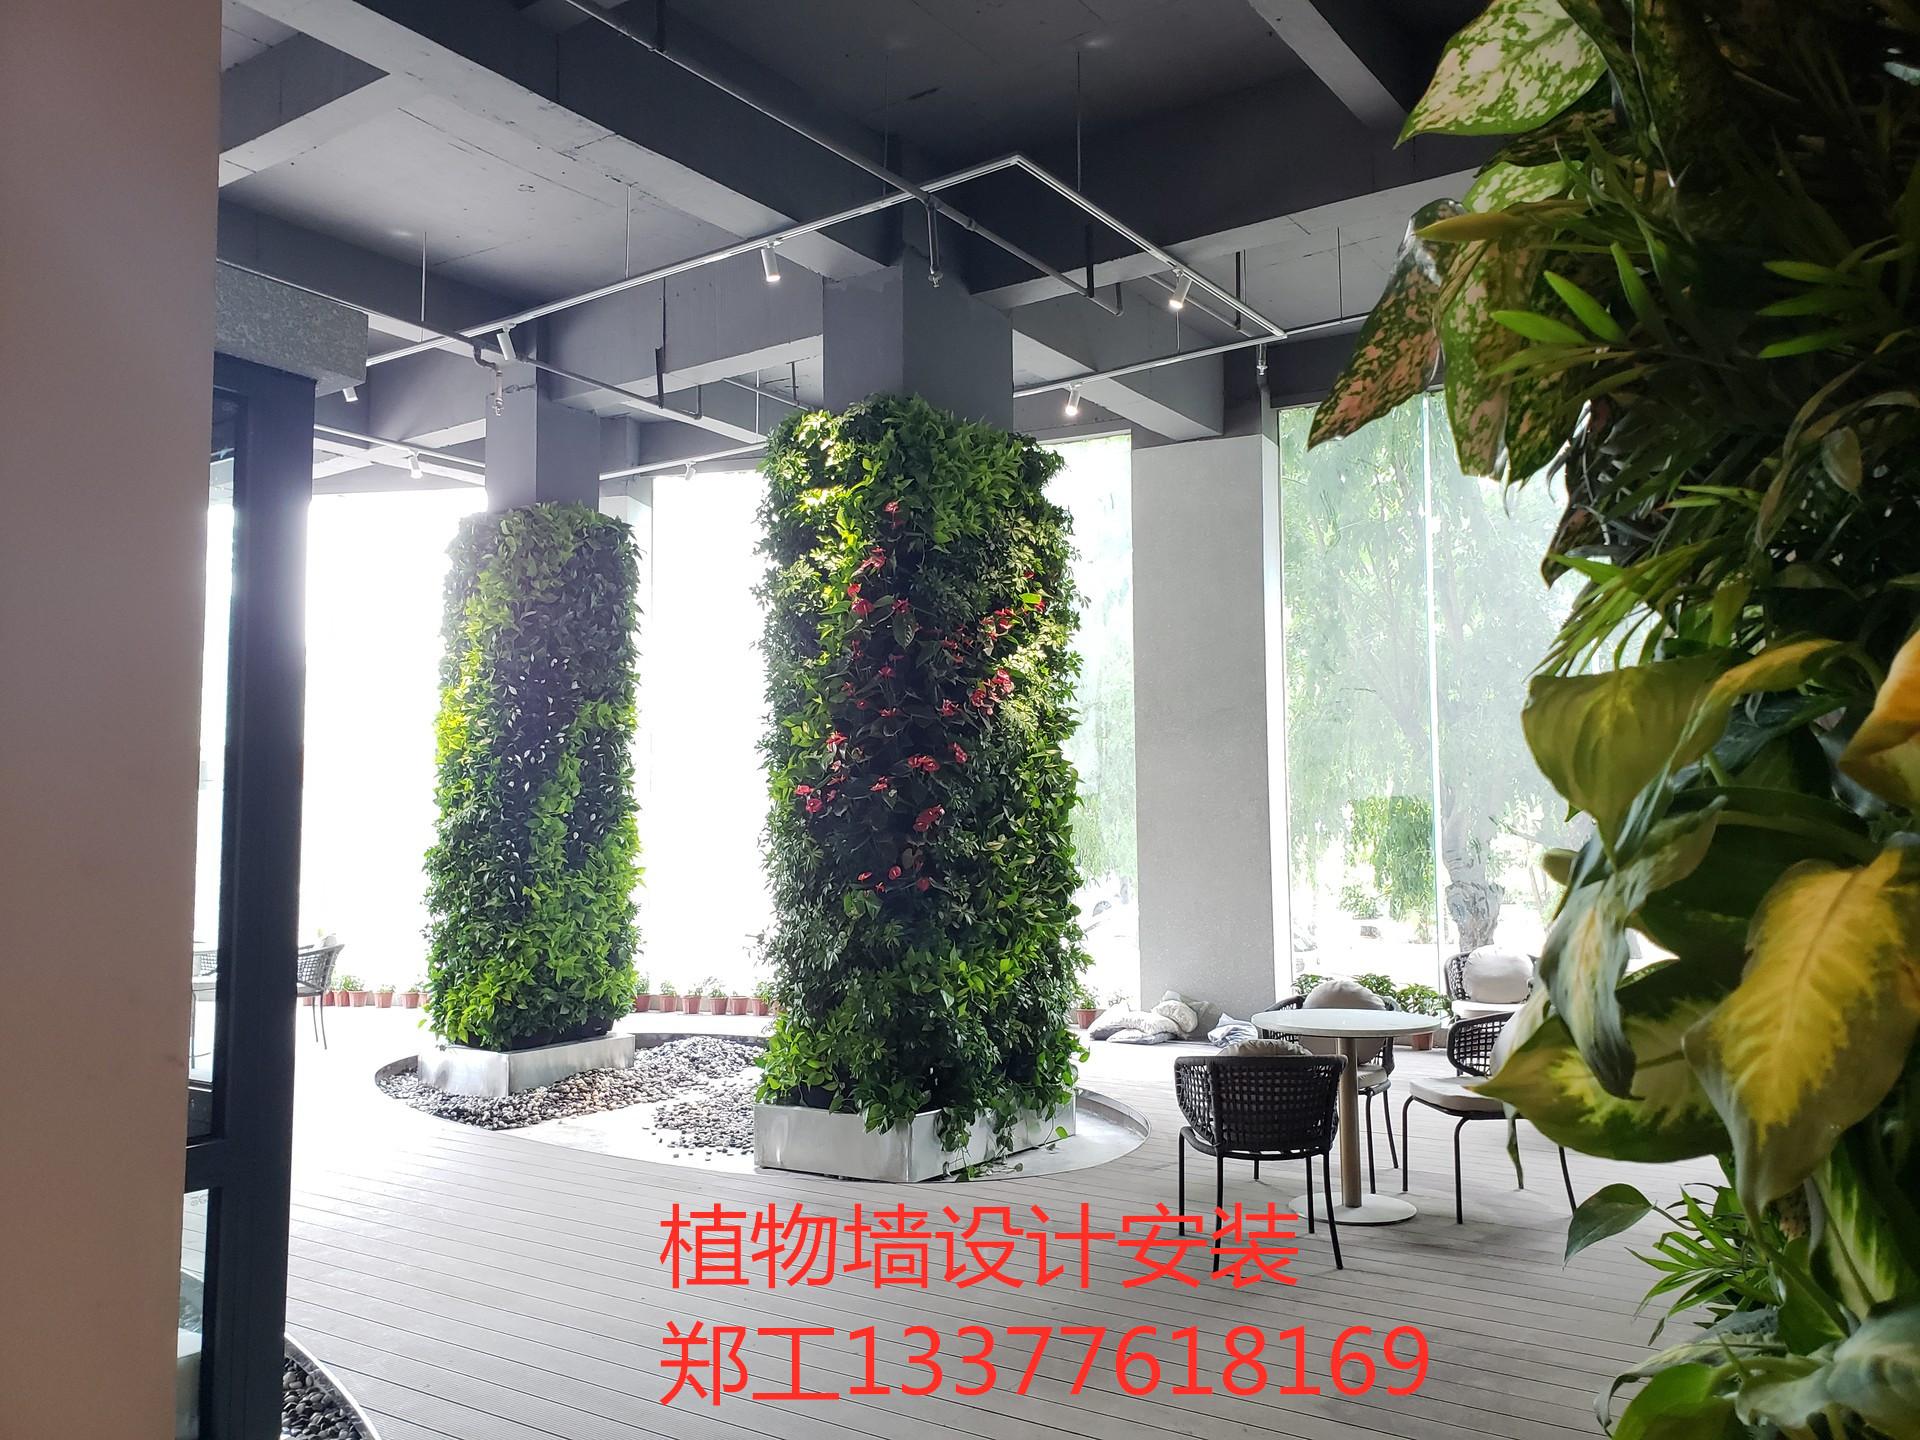 河源大厅垂直绿墙案例分享